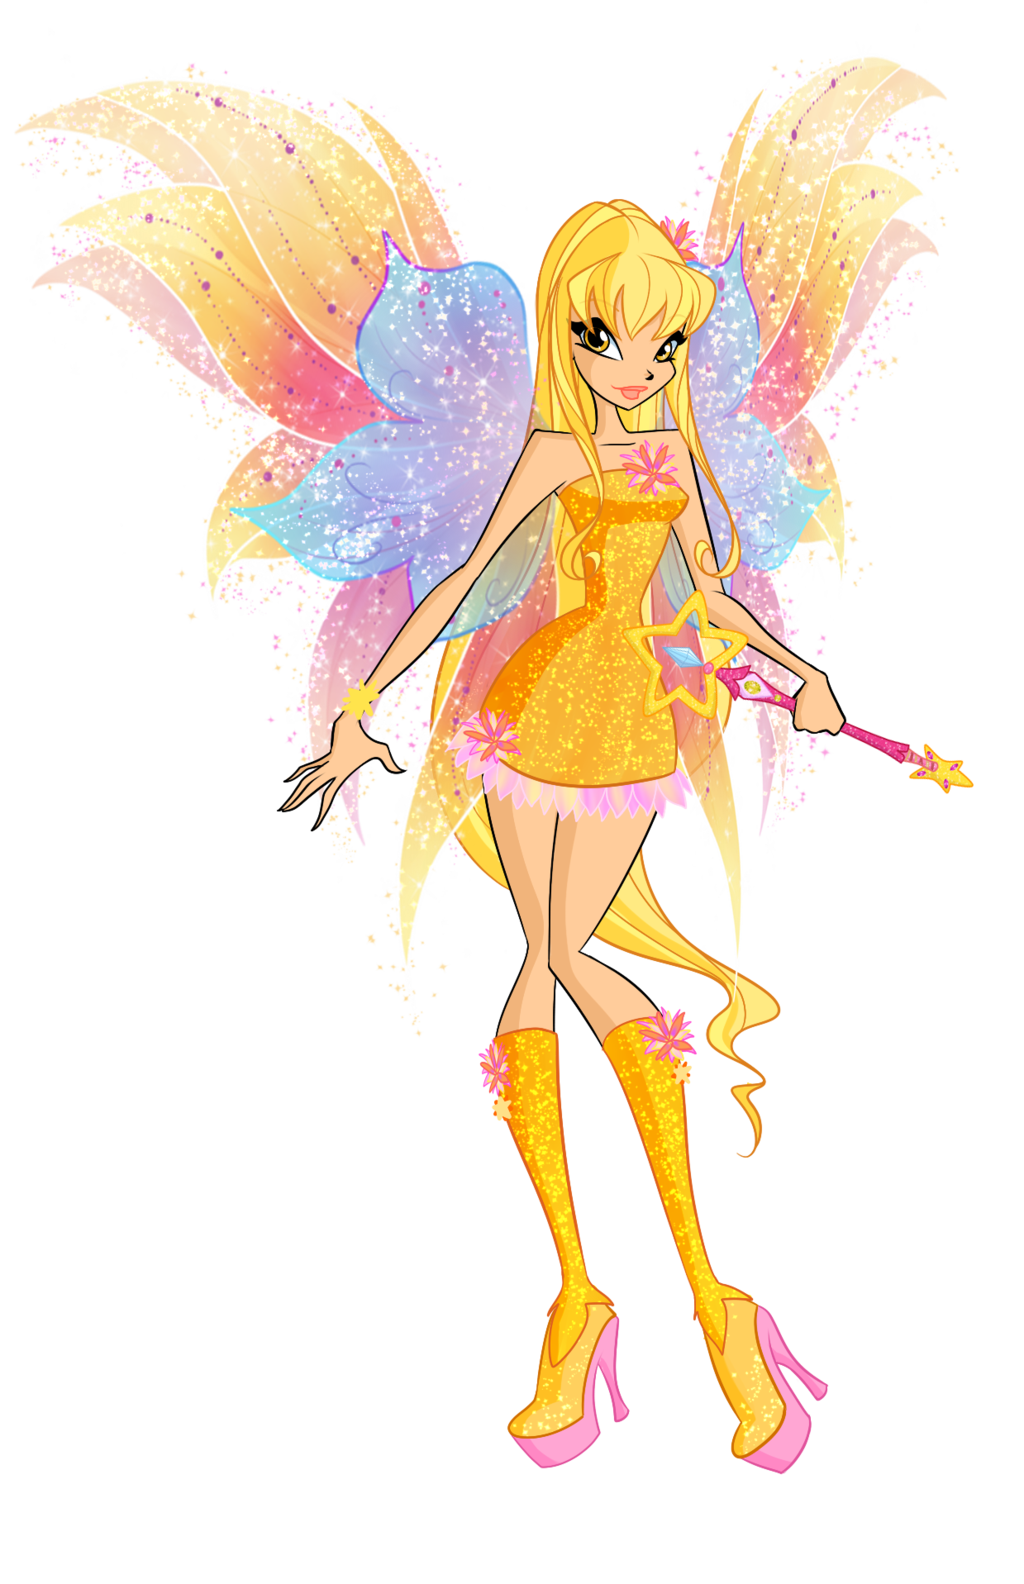 Stella mythix winx club en 2019 dessin anim et f e - Bloom dessin anime ...